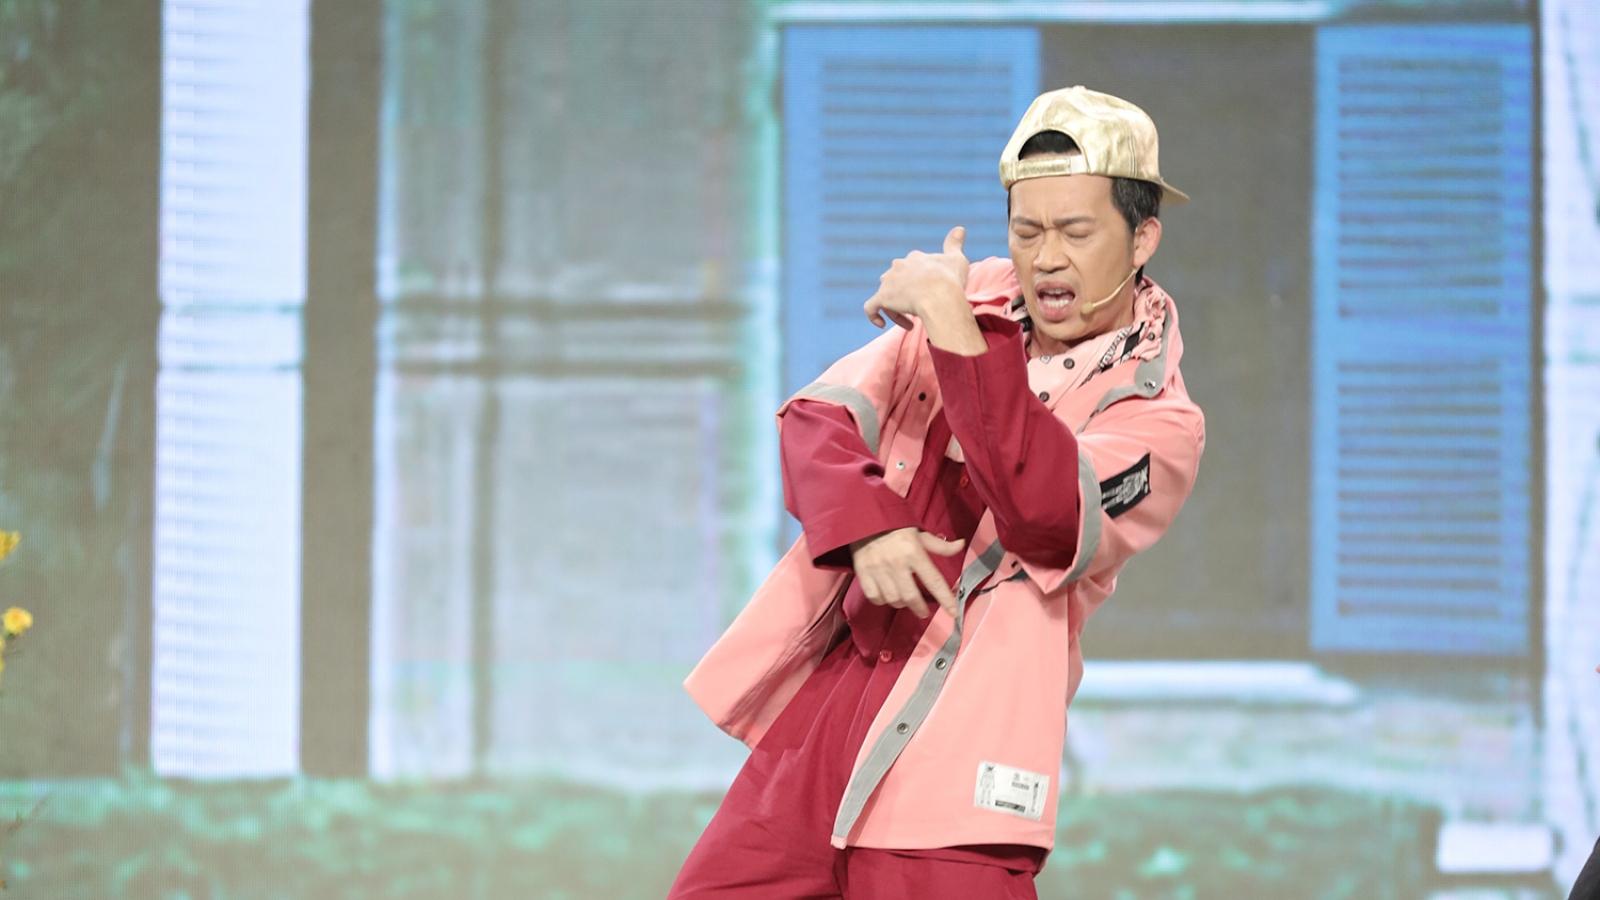 Hoài Linh bất ngờ hóa rapper Binz, trở lại màn ảnh nhỏ trong đêm Giao thừa Tết Tân Sửu